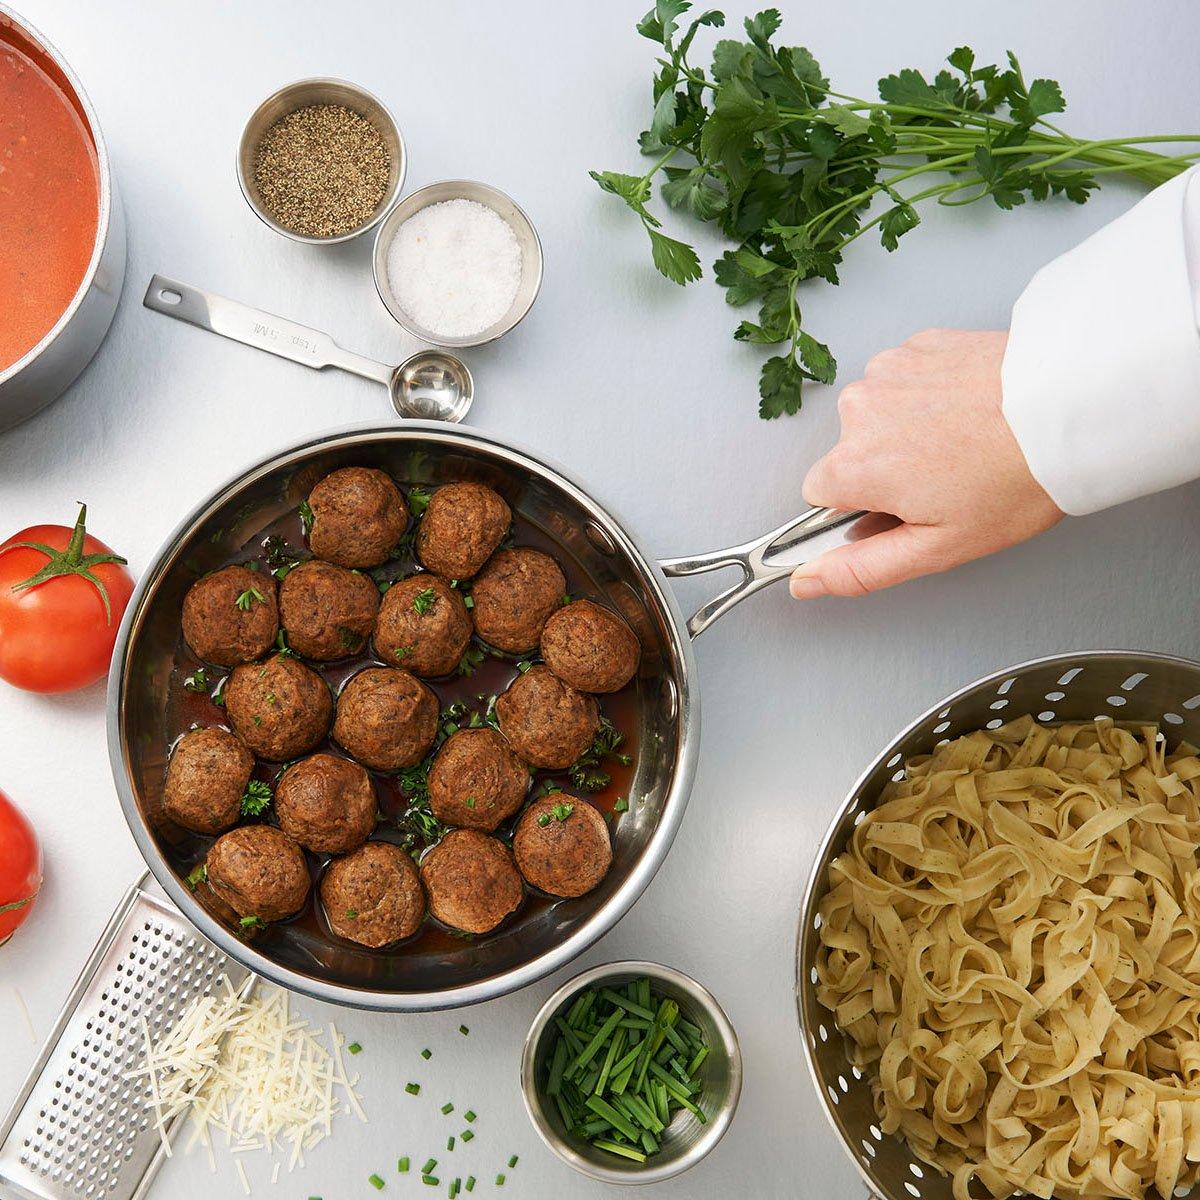 Mushroom blended meatballs